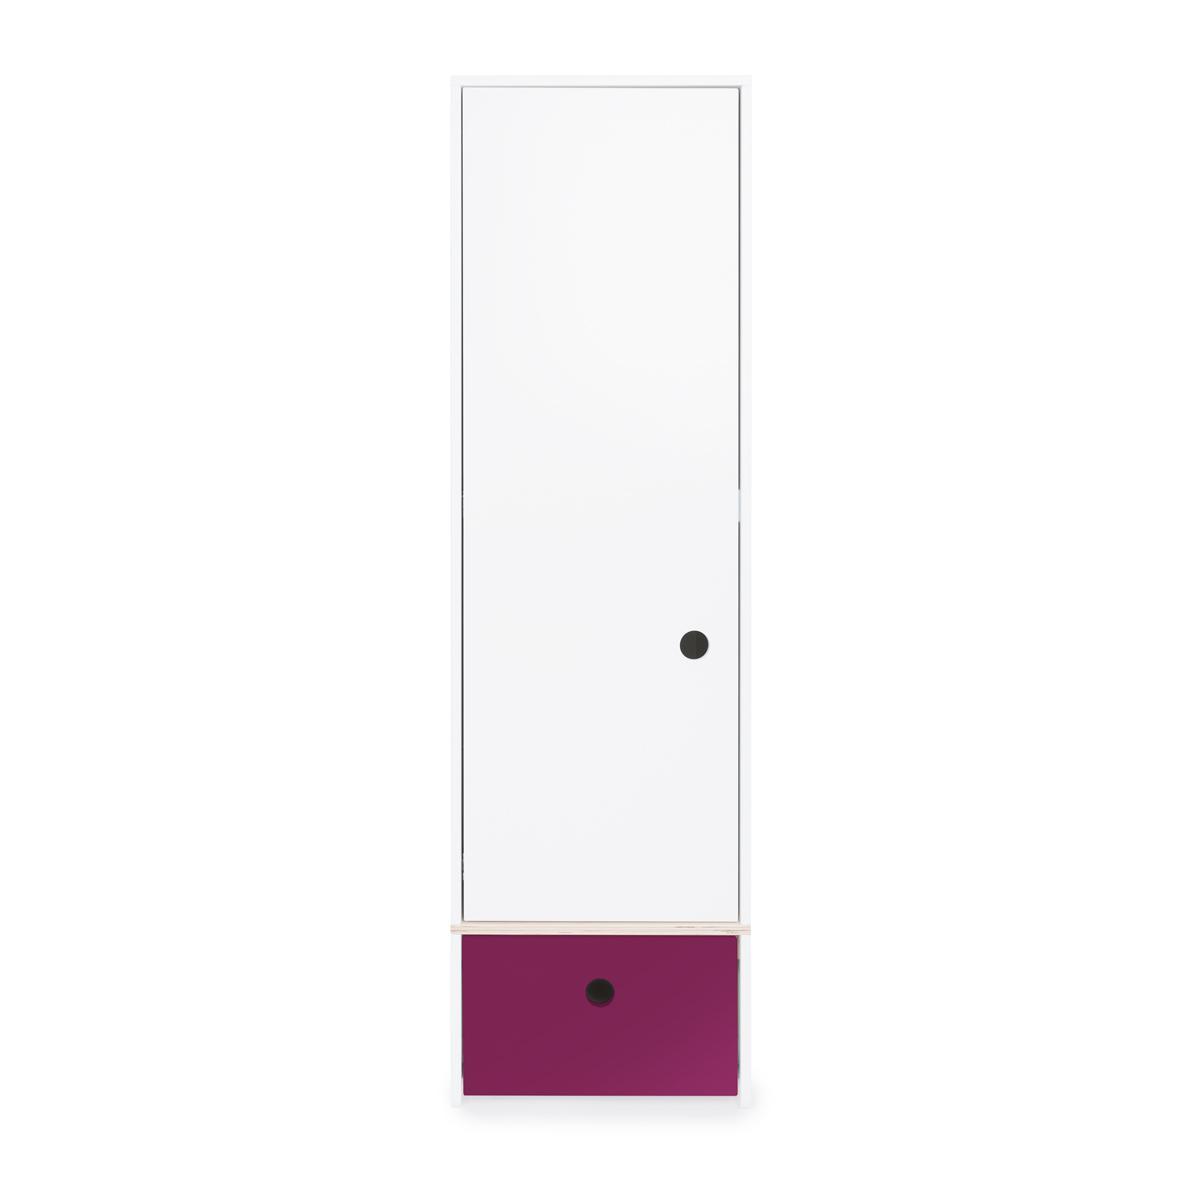 Armoire 1 porte COLORFLEX façade tiroir plum